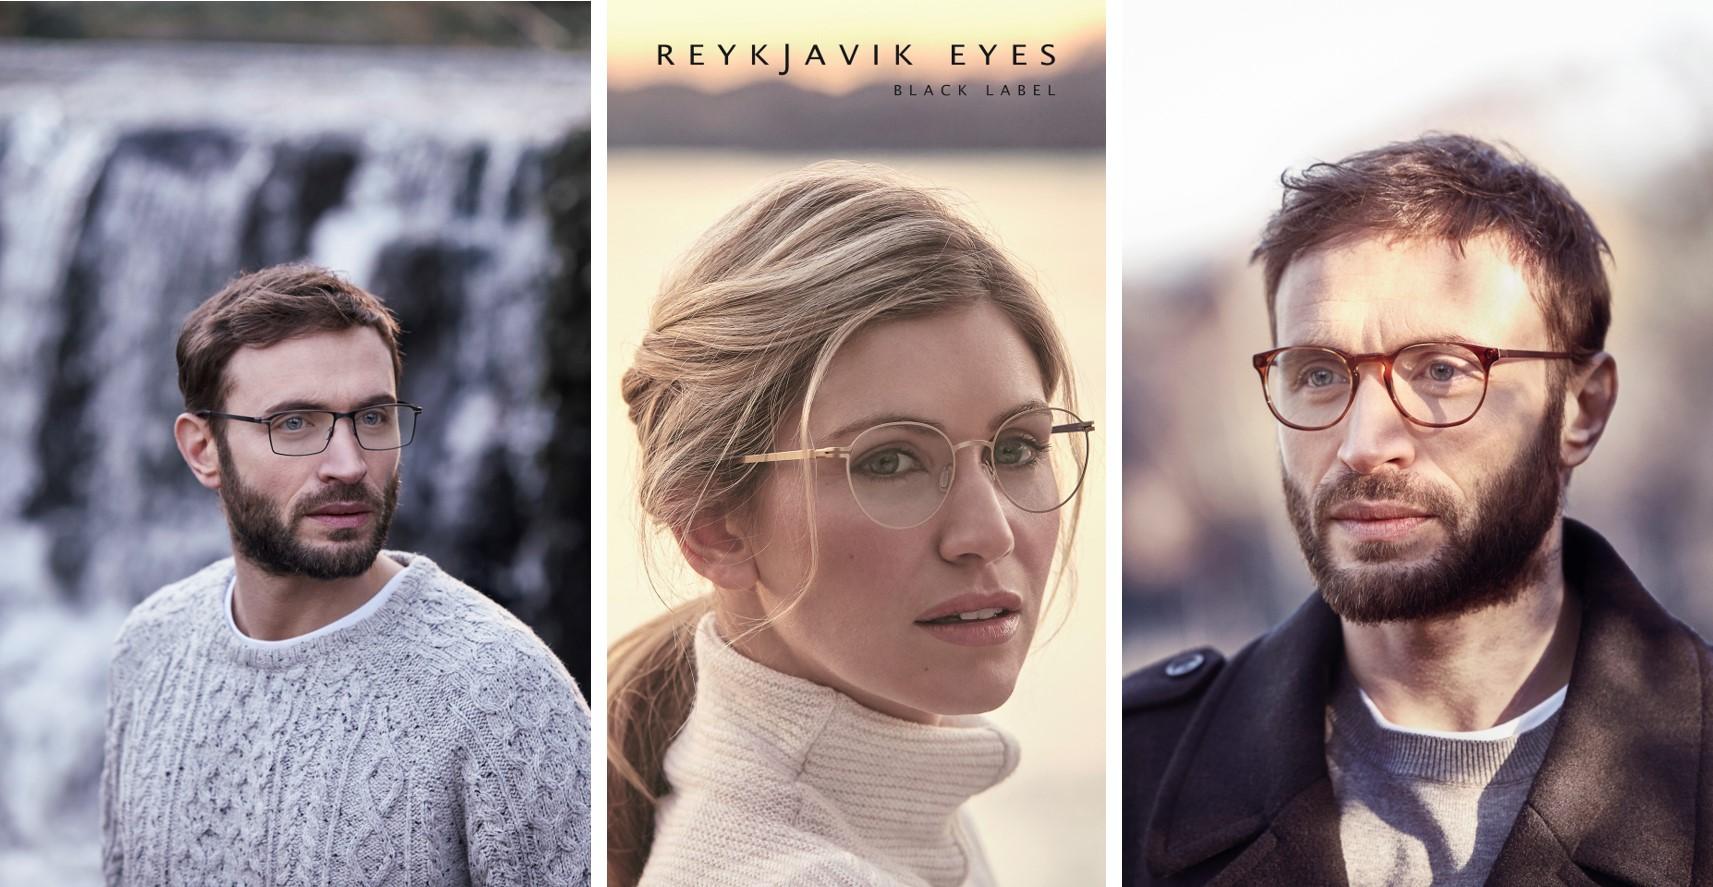 Reykjavik eyewear images